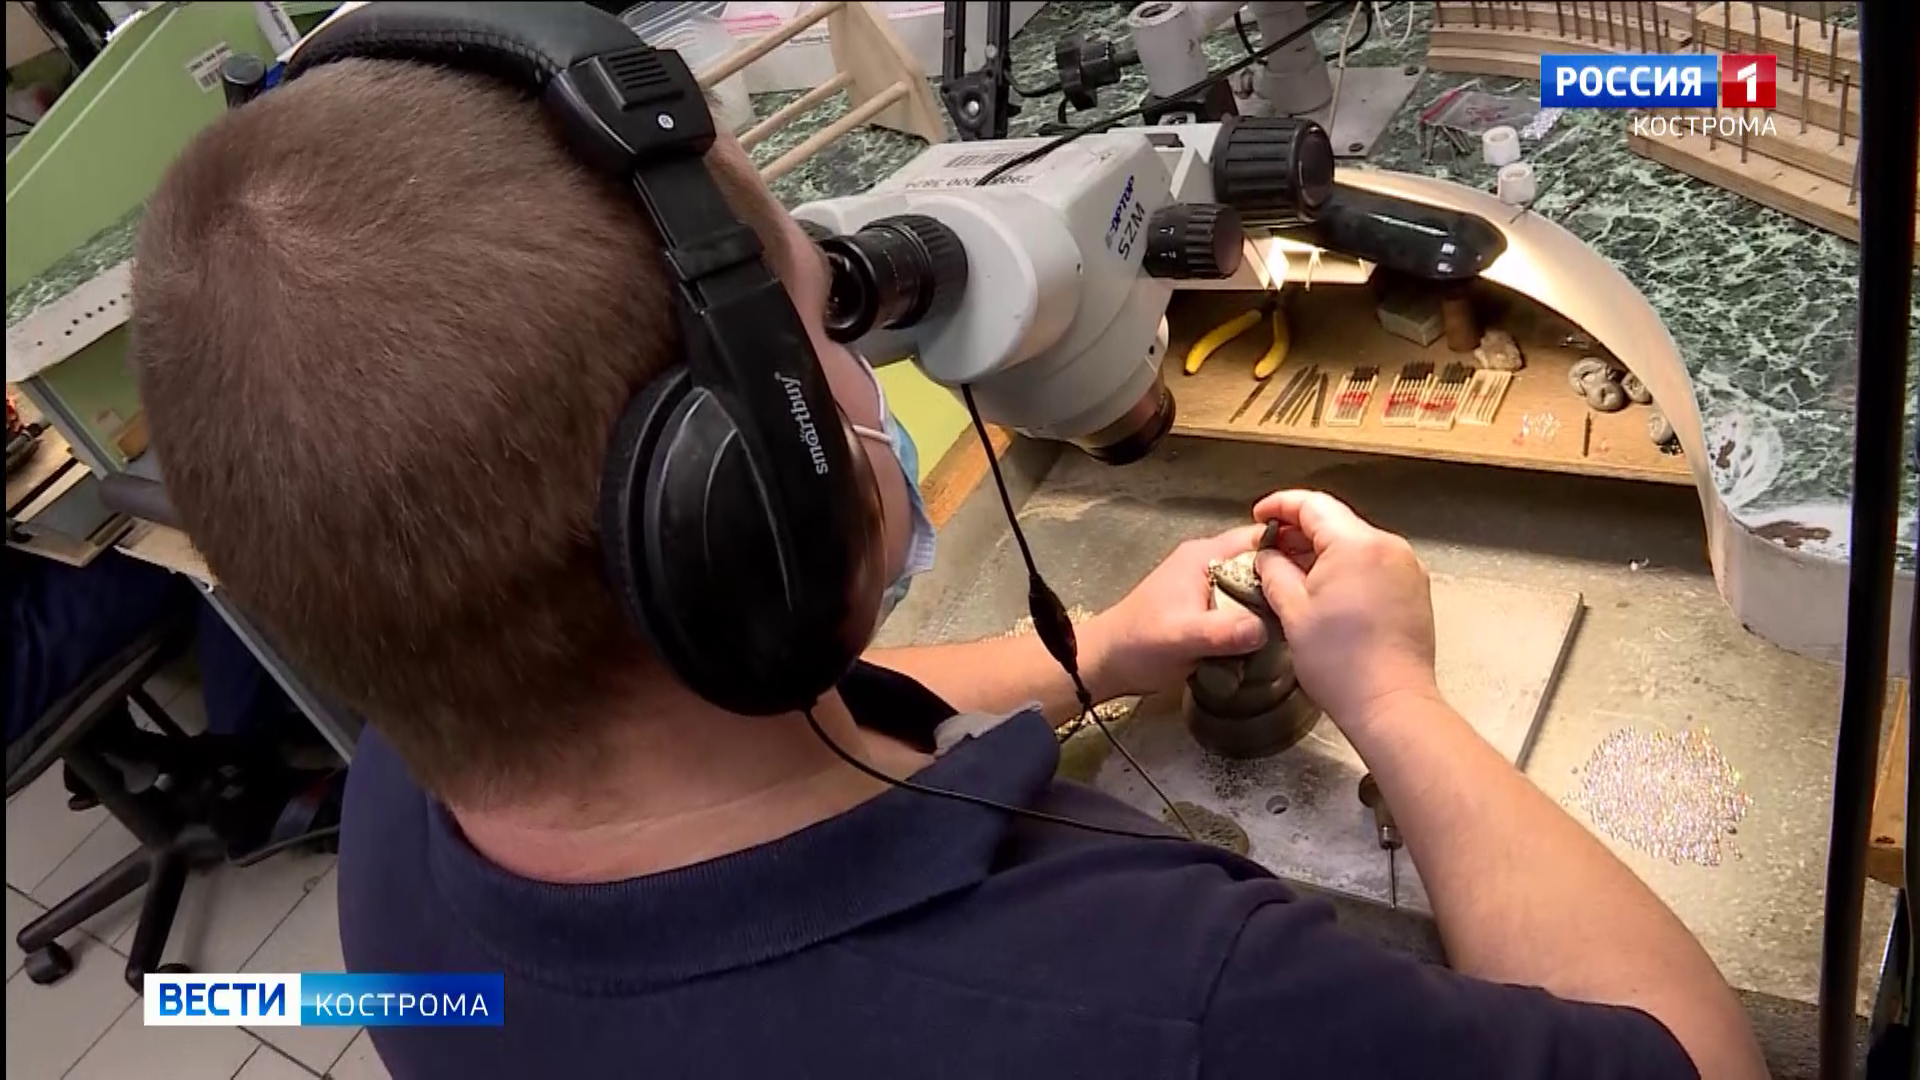 Предприятия Костромы начинают испытывать докоронавирусную нужду в кадрах